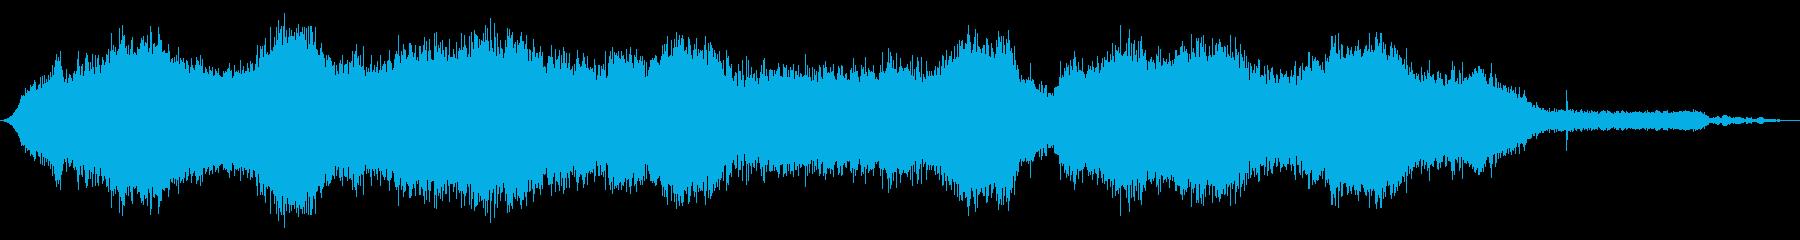 内線:オンボード:さまざまな速度で...の再生済みの波形